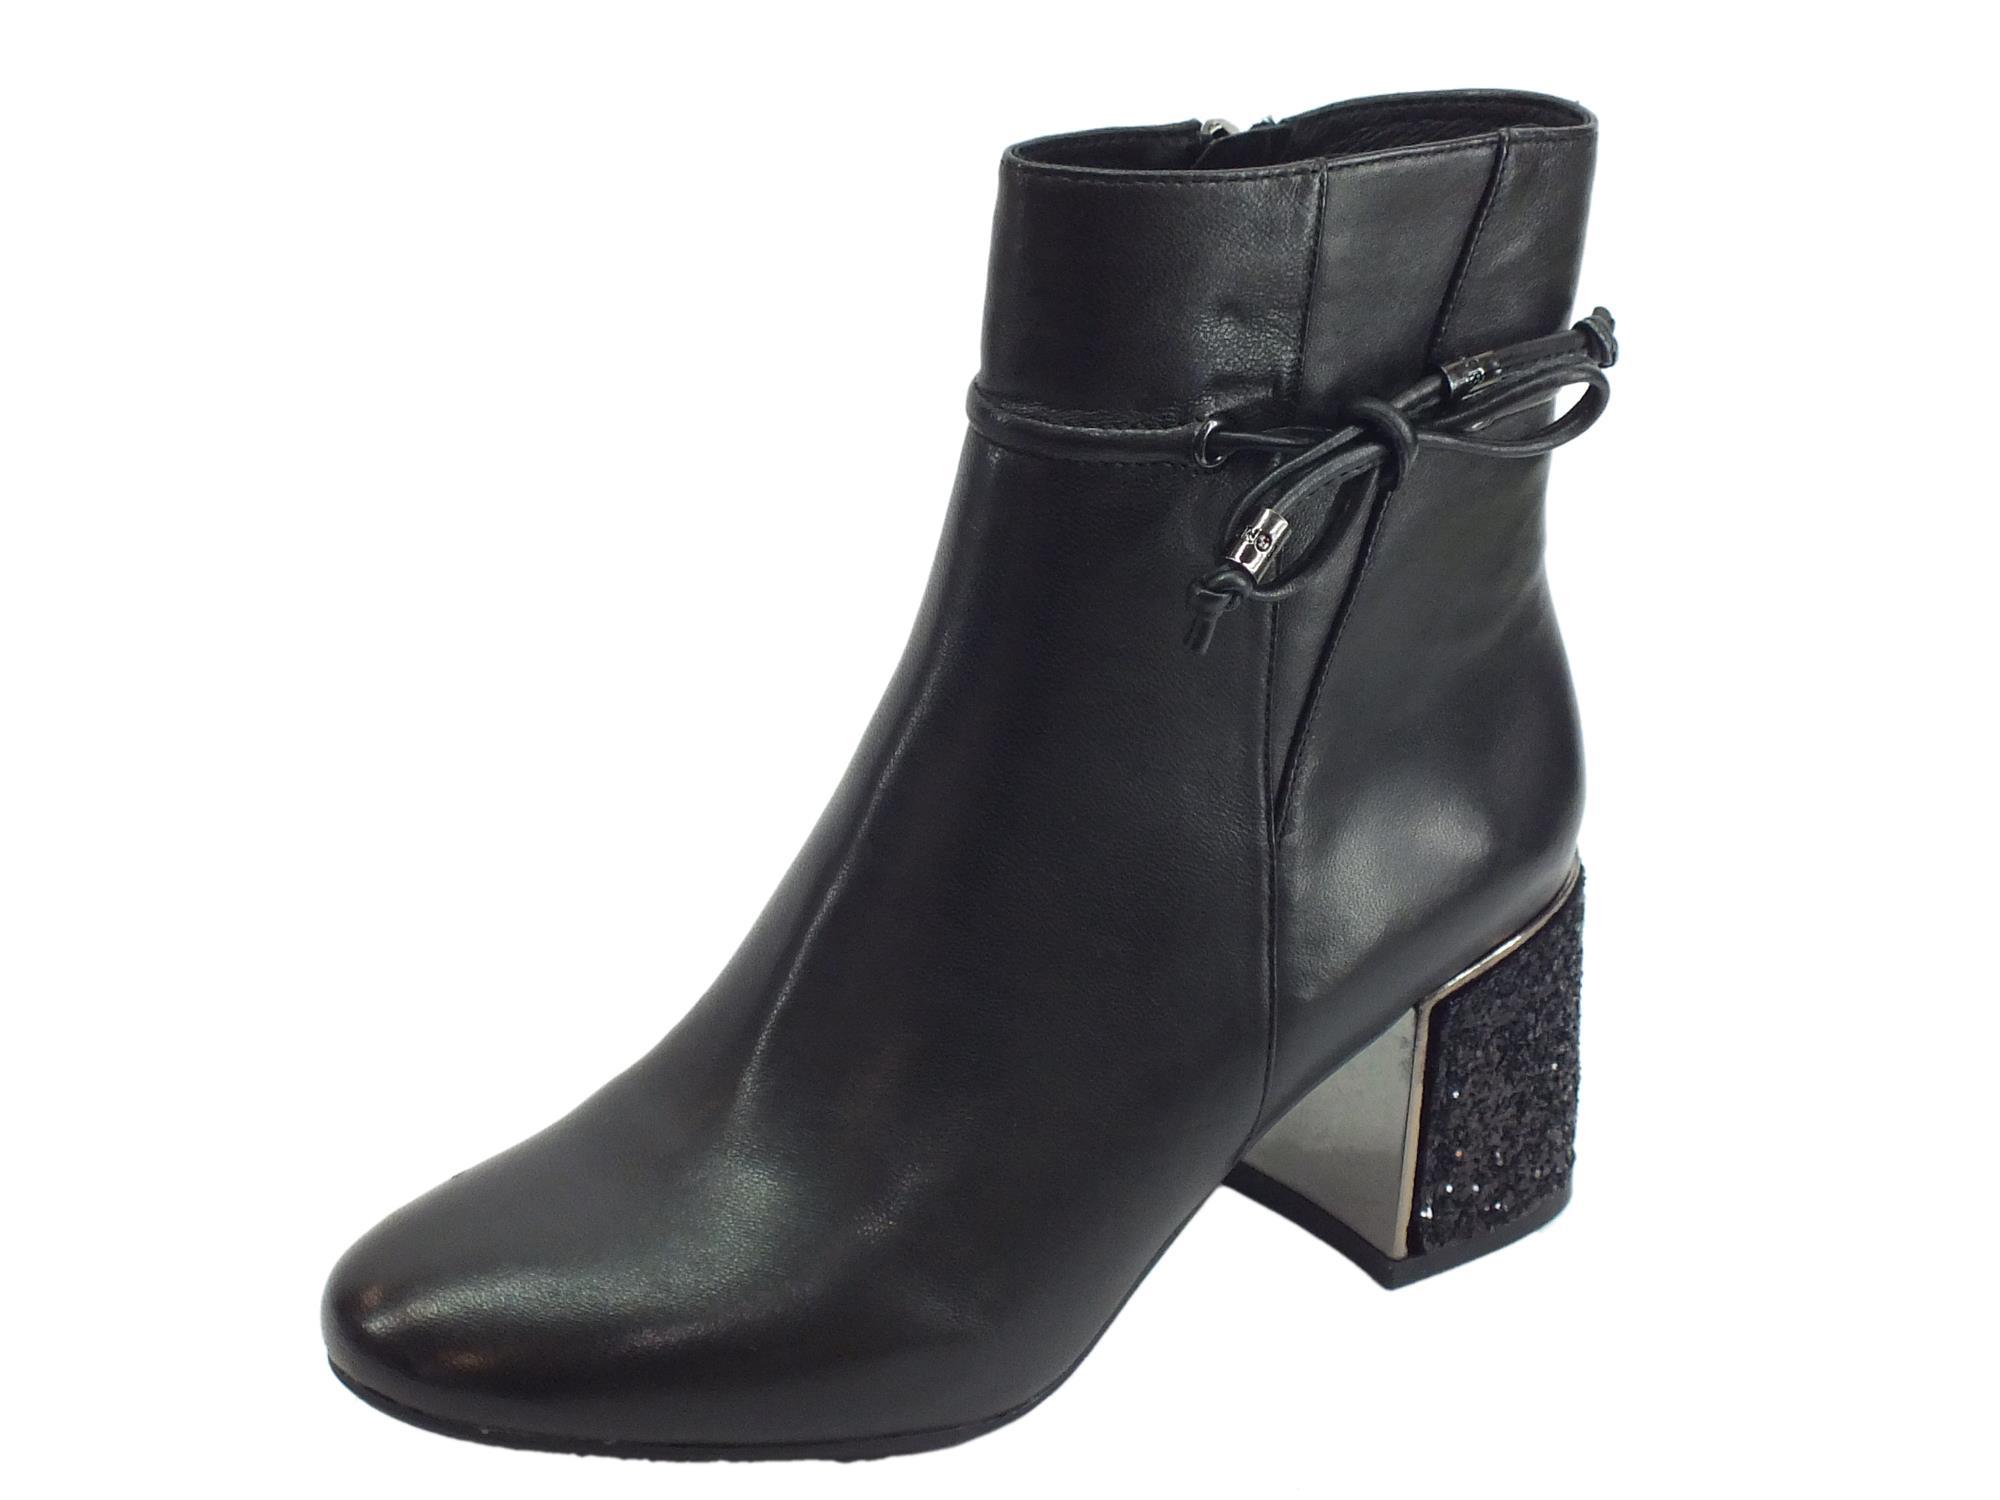 CafèNoir HLA142 010 Nero Tronchetti eleganti Donna in pelle nera tacco alto